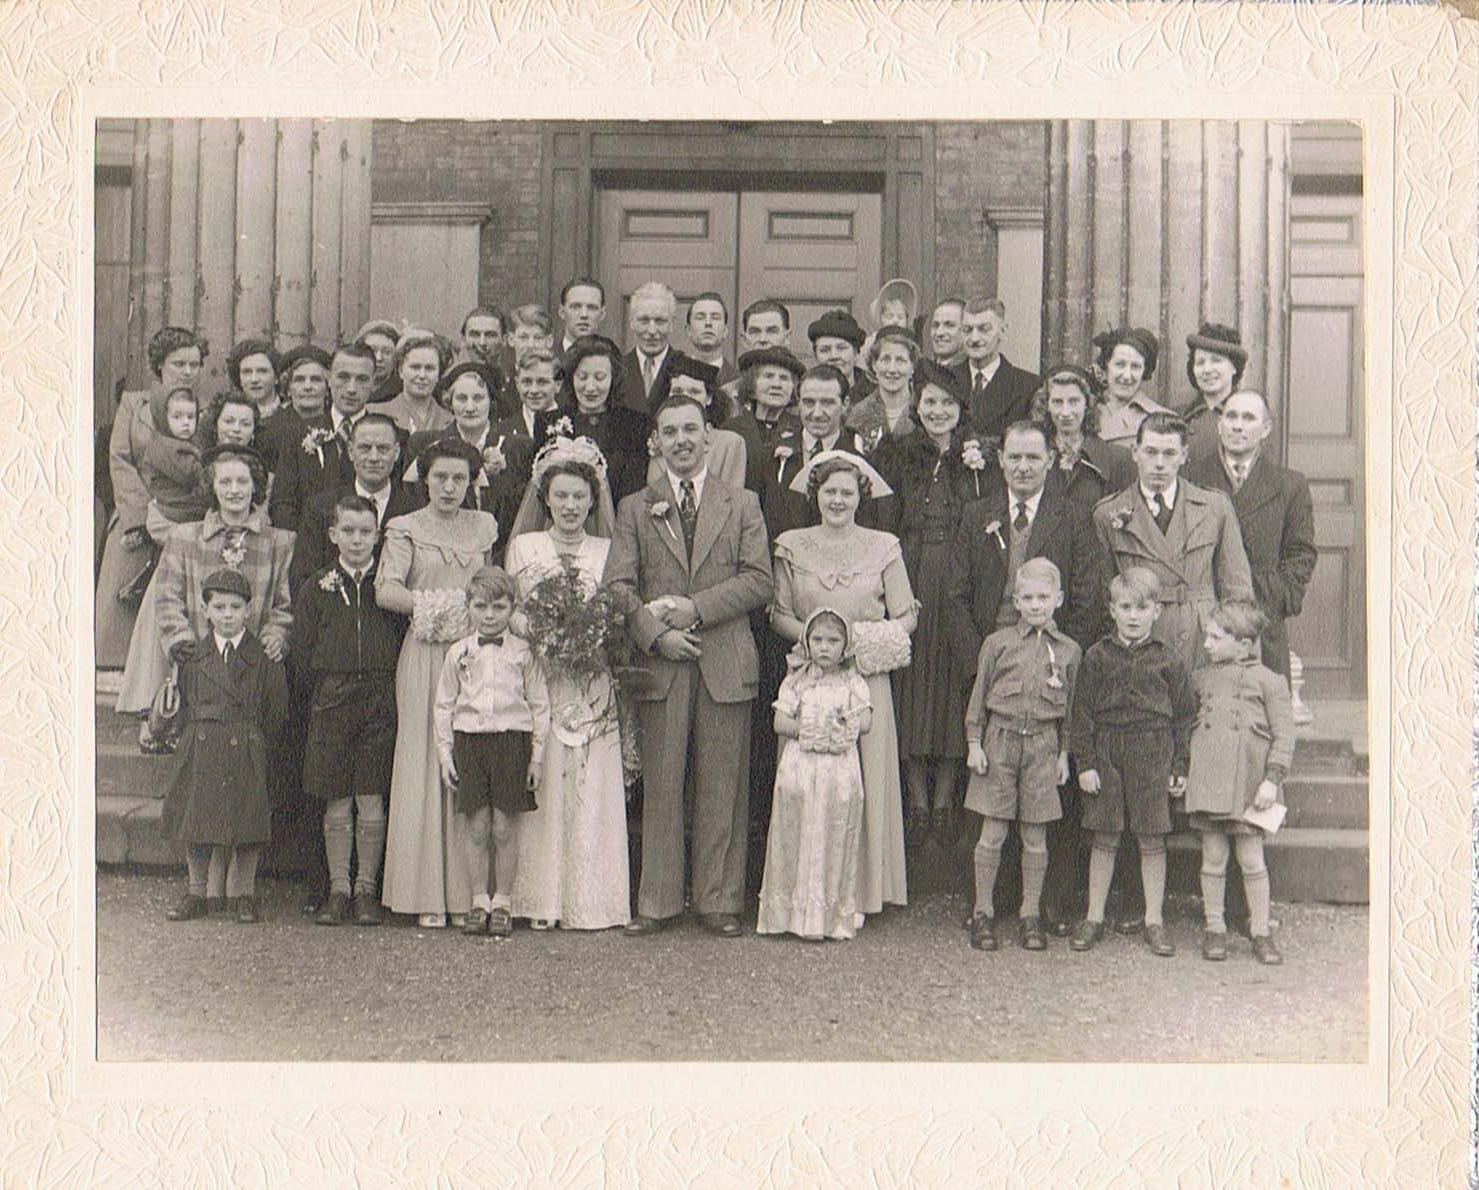 A wedding group portrait 1930s